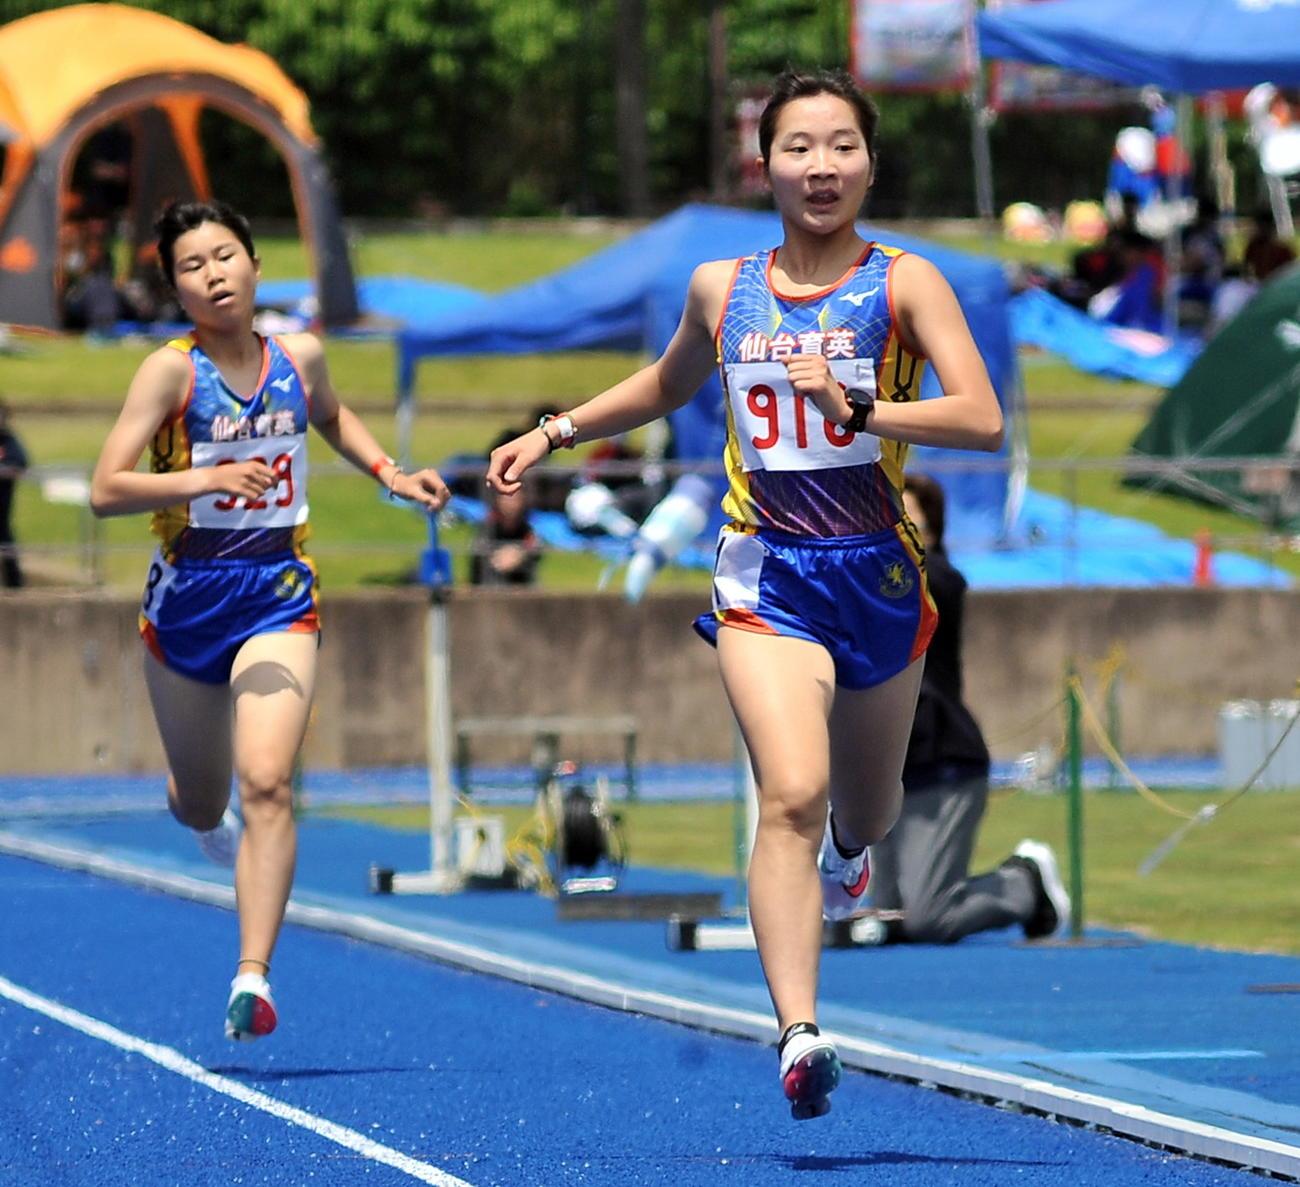 女子1500メートル決勝 ワンツー・フィニッシュを決めた米沢(右)、渡辺の仙台育英コンビ